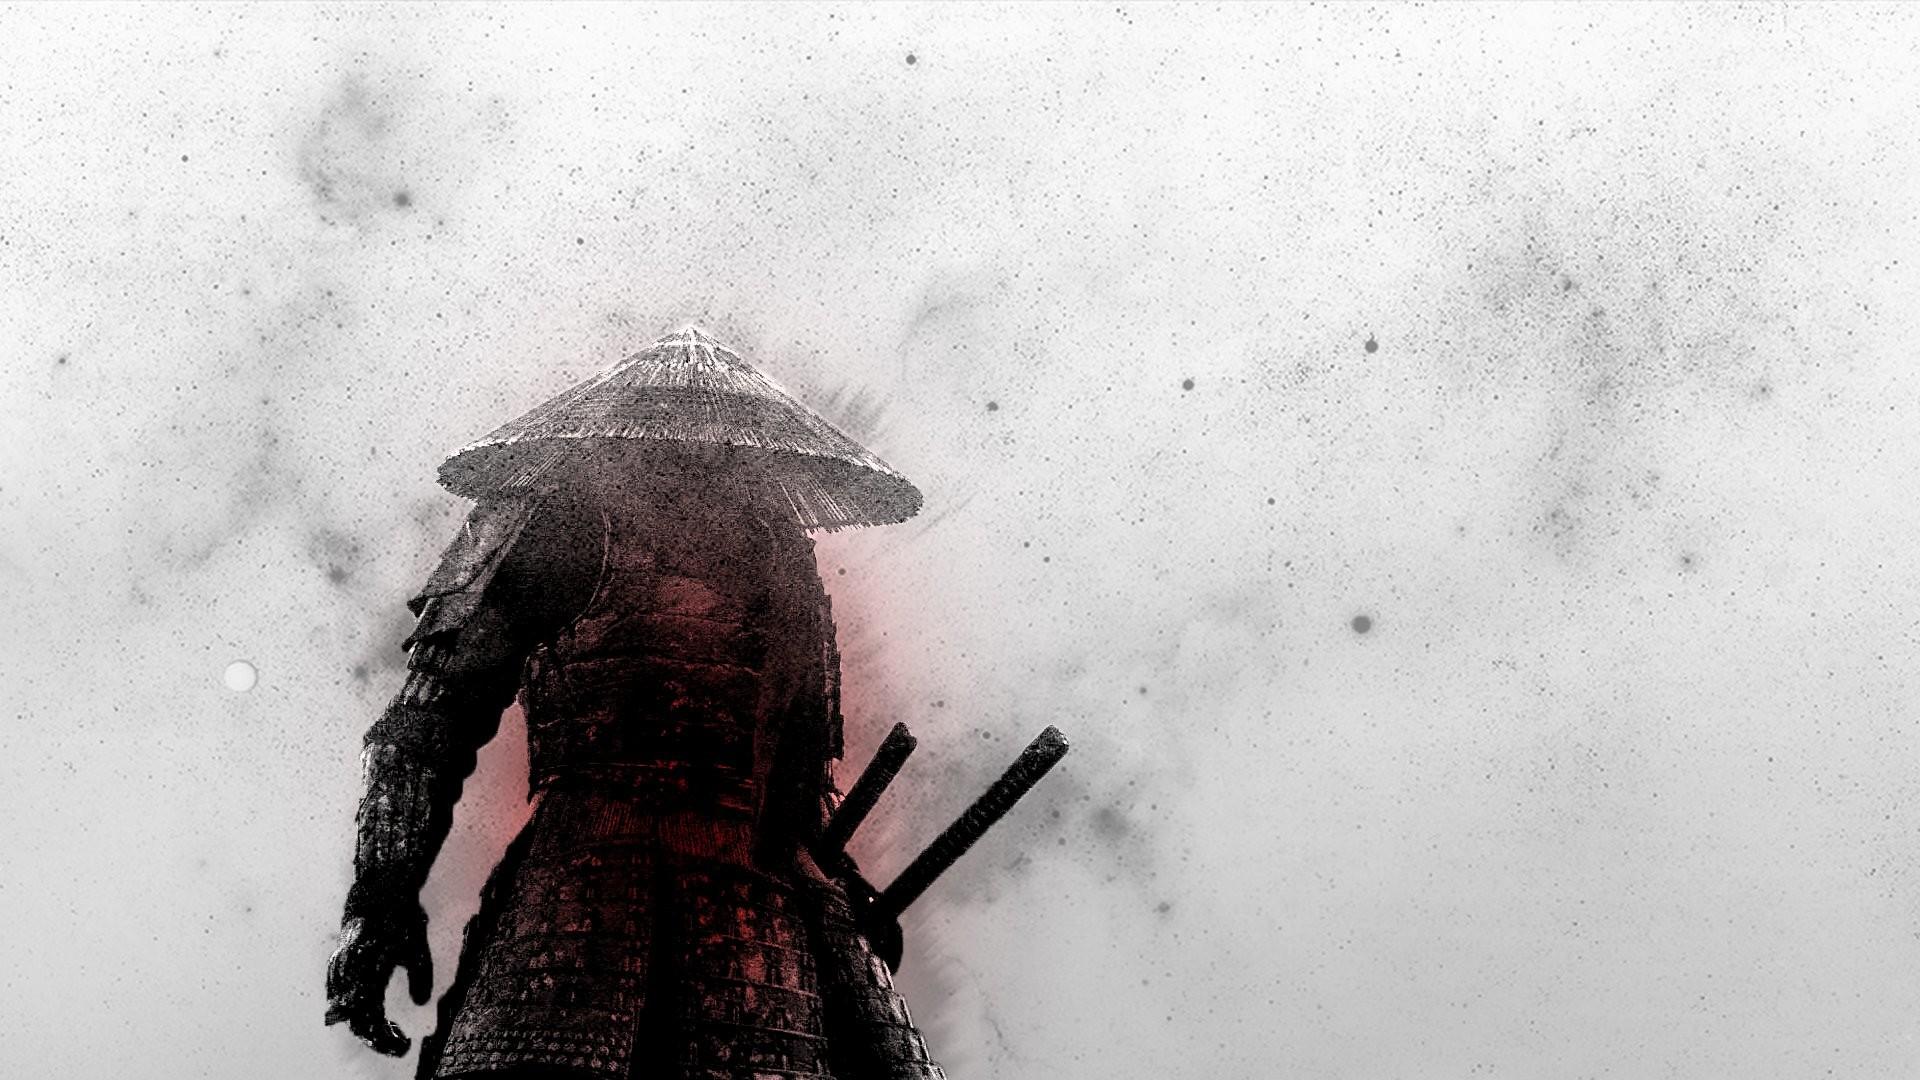 Samurai Wallpaper 70 Pictures